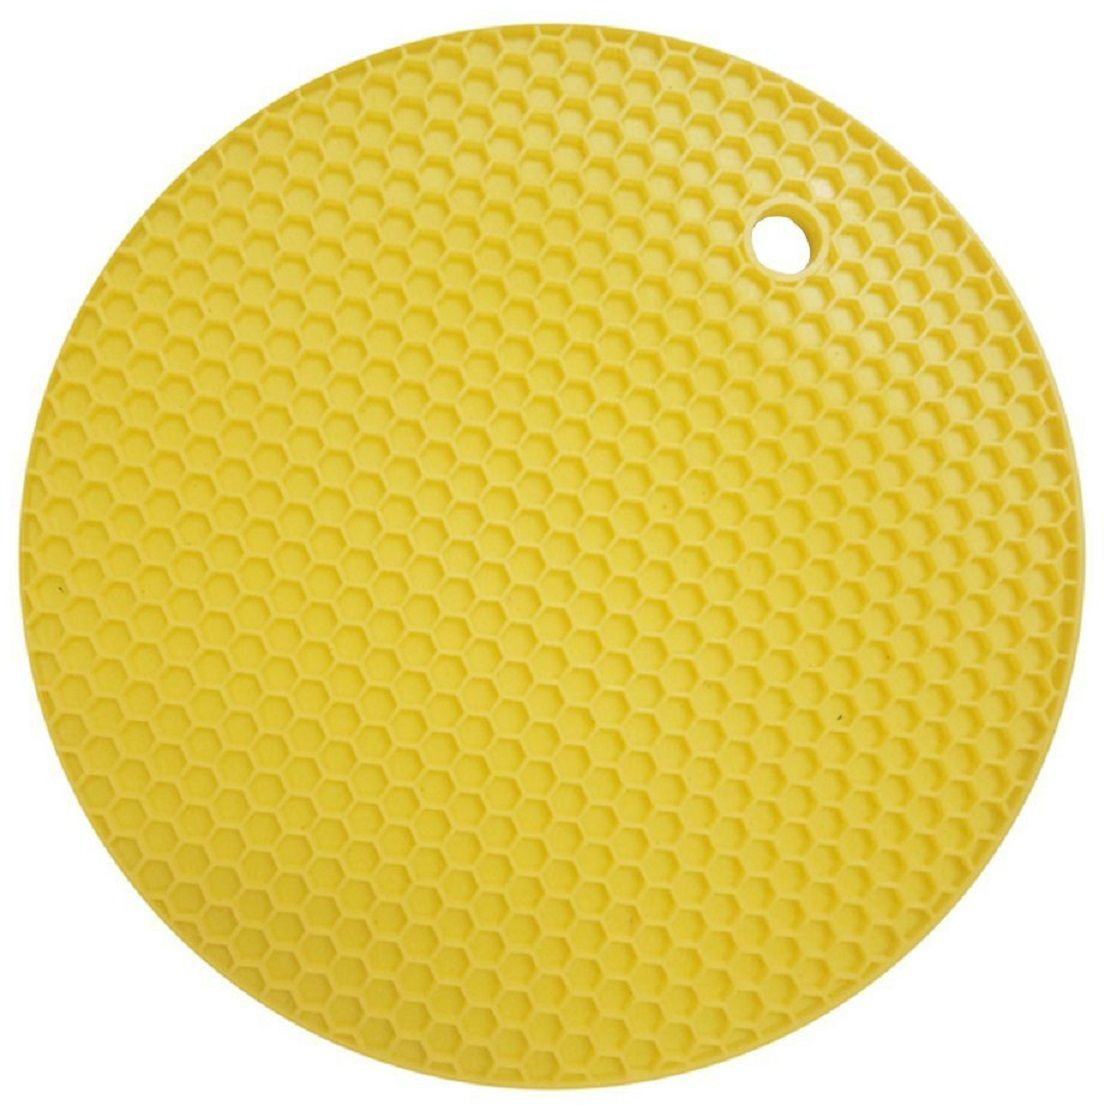 Подставка под горячее FidgetGo Круг, силиконовая, цвет: желтый2212345678168На современной кухне силиконовые изделия занимают все больше места. Так как этот материал удобен в обращении, он легкий, к нему не пристает жир и масло, моется легко в теплой воде!Подставка силиконовая под горячее - это практичная и удобная вещь, на нее можно поставить горячую сковороду, кастрюли, противень и многое другое. Подставка не скользит по поверхности, даже если покрытие стола глянцевое! Подставка выдерживает до 230°С, сделана из безопасного пищевого силикона. Ее можно мыть в посудомоечной машине или использовать в микроволновке